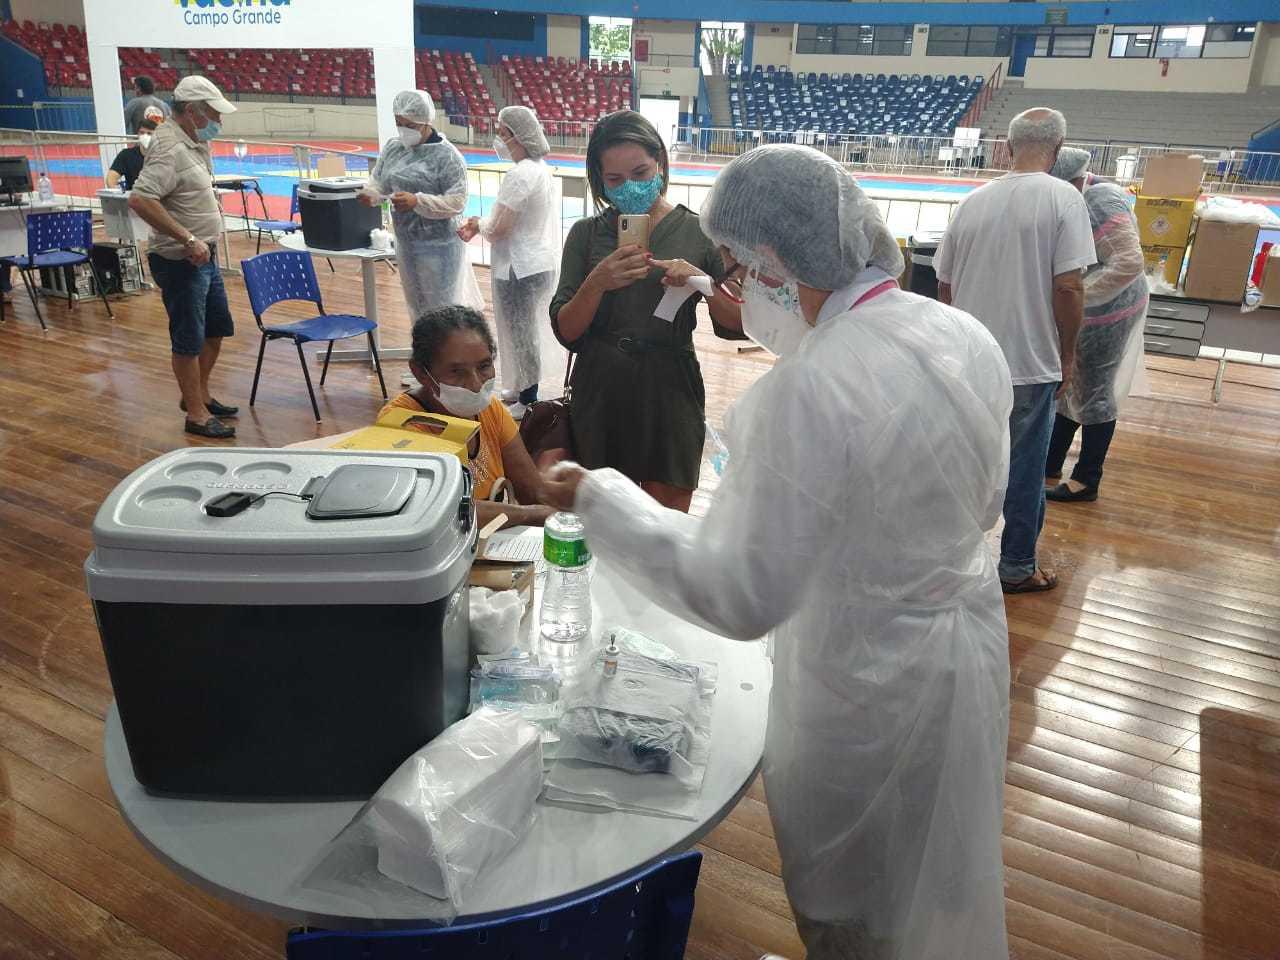 Posto de vacinação que começou a funcionar ontem no Guanandizão, em Campo Grande. (Foto: Ana Paula Chuva)